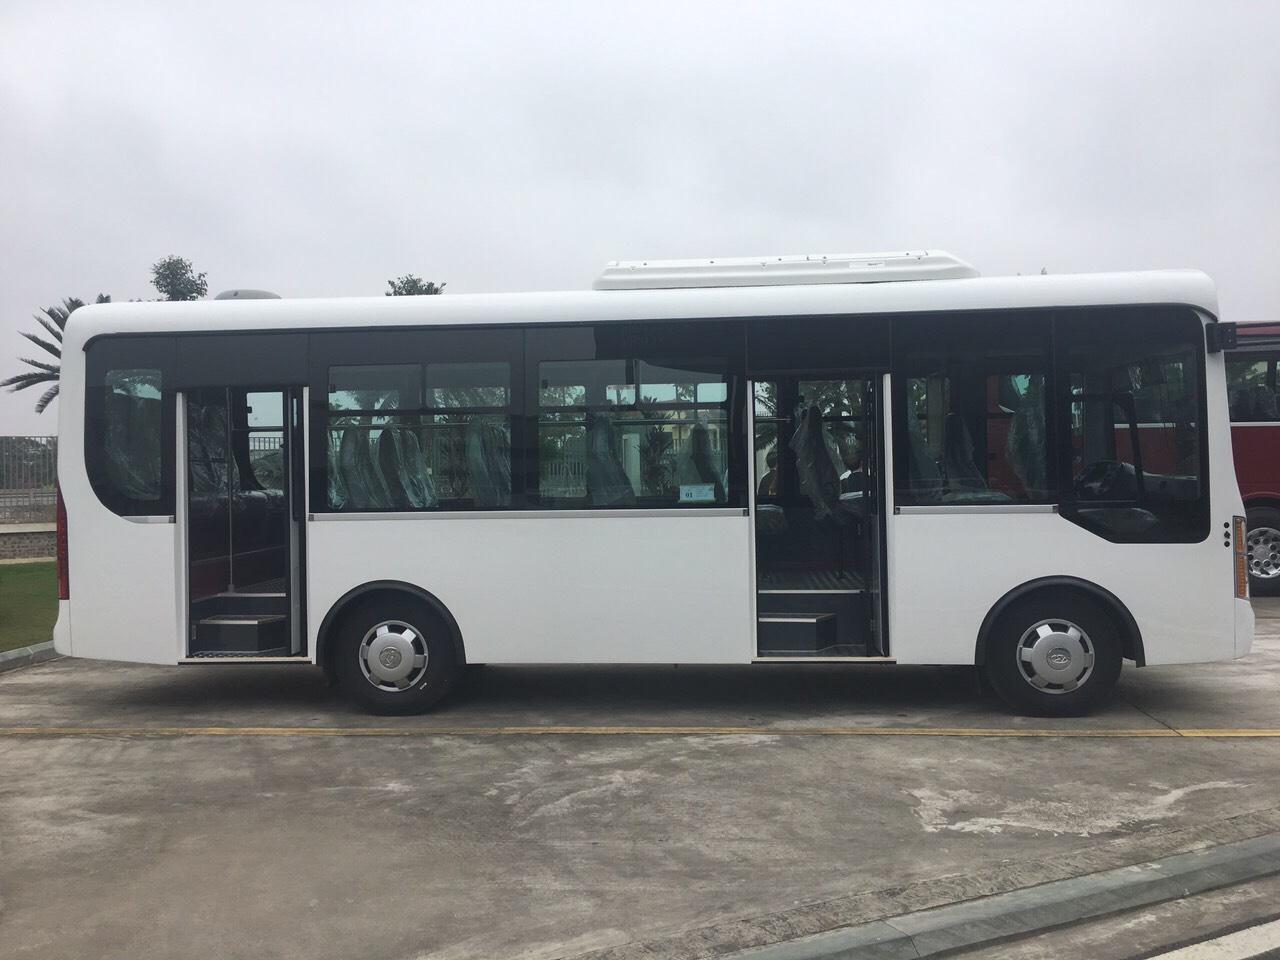 xe-bus-15-hd-b40-kieu-dang-new-city-6